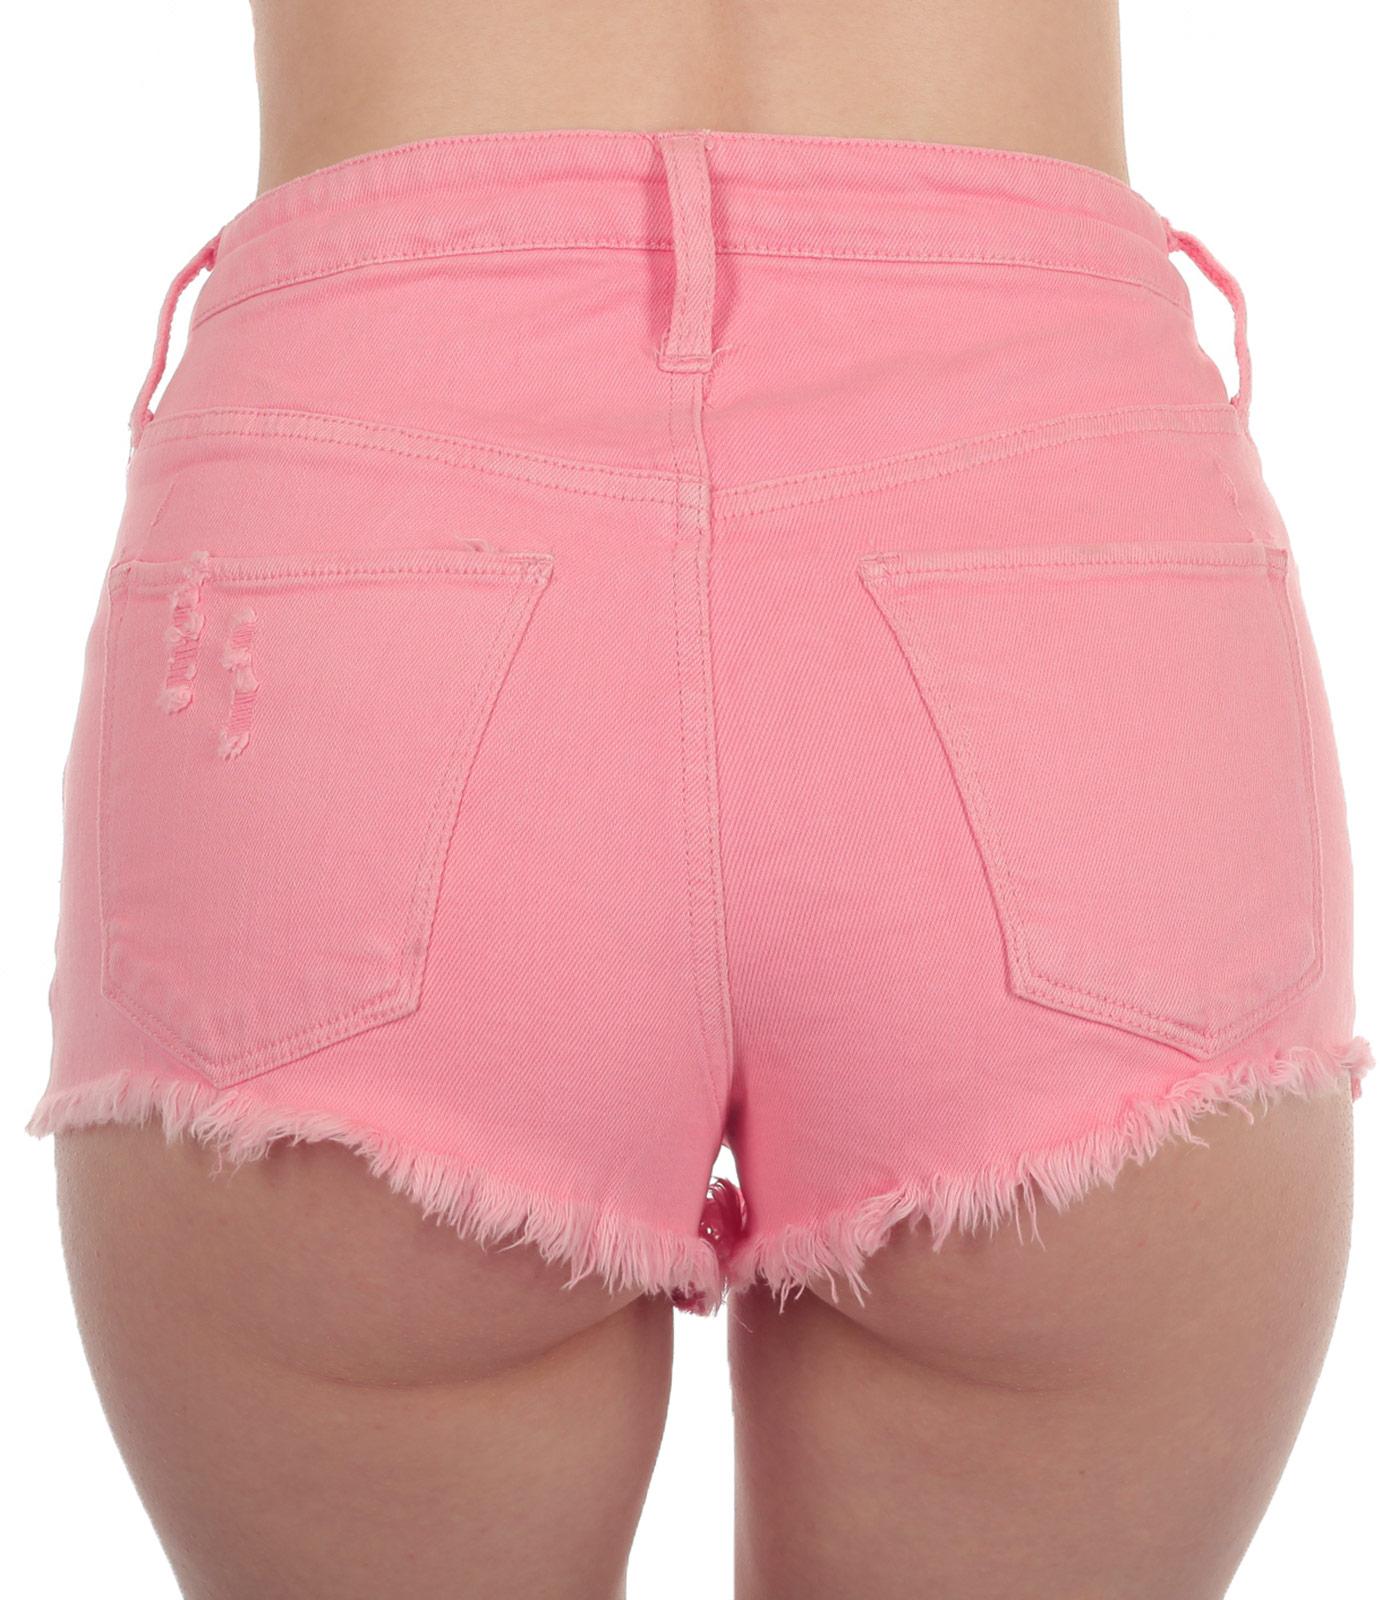 Недорогие джинсовые женские шорты с карманами – короткая летняя модель от ТМ MOSSIMO